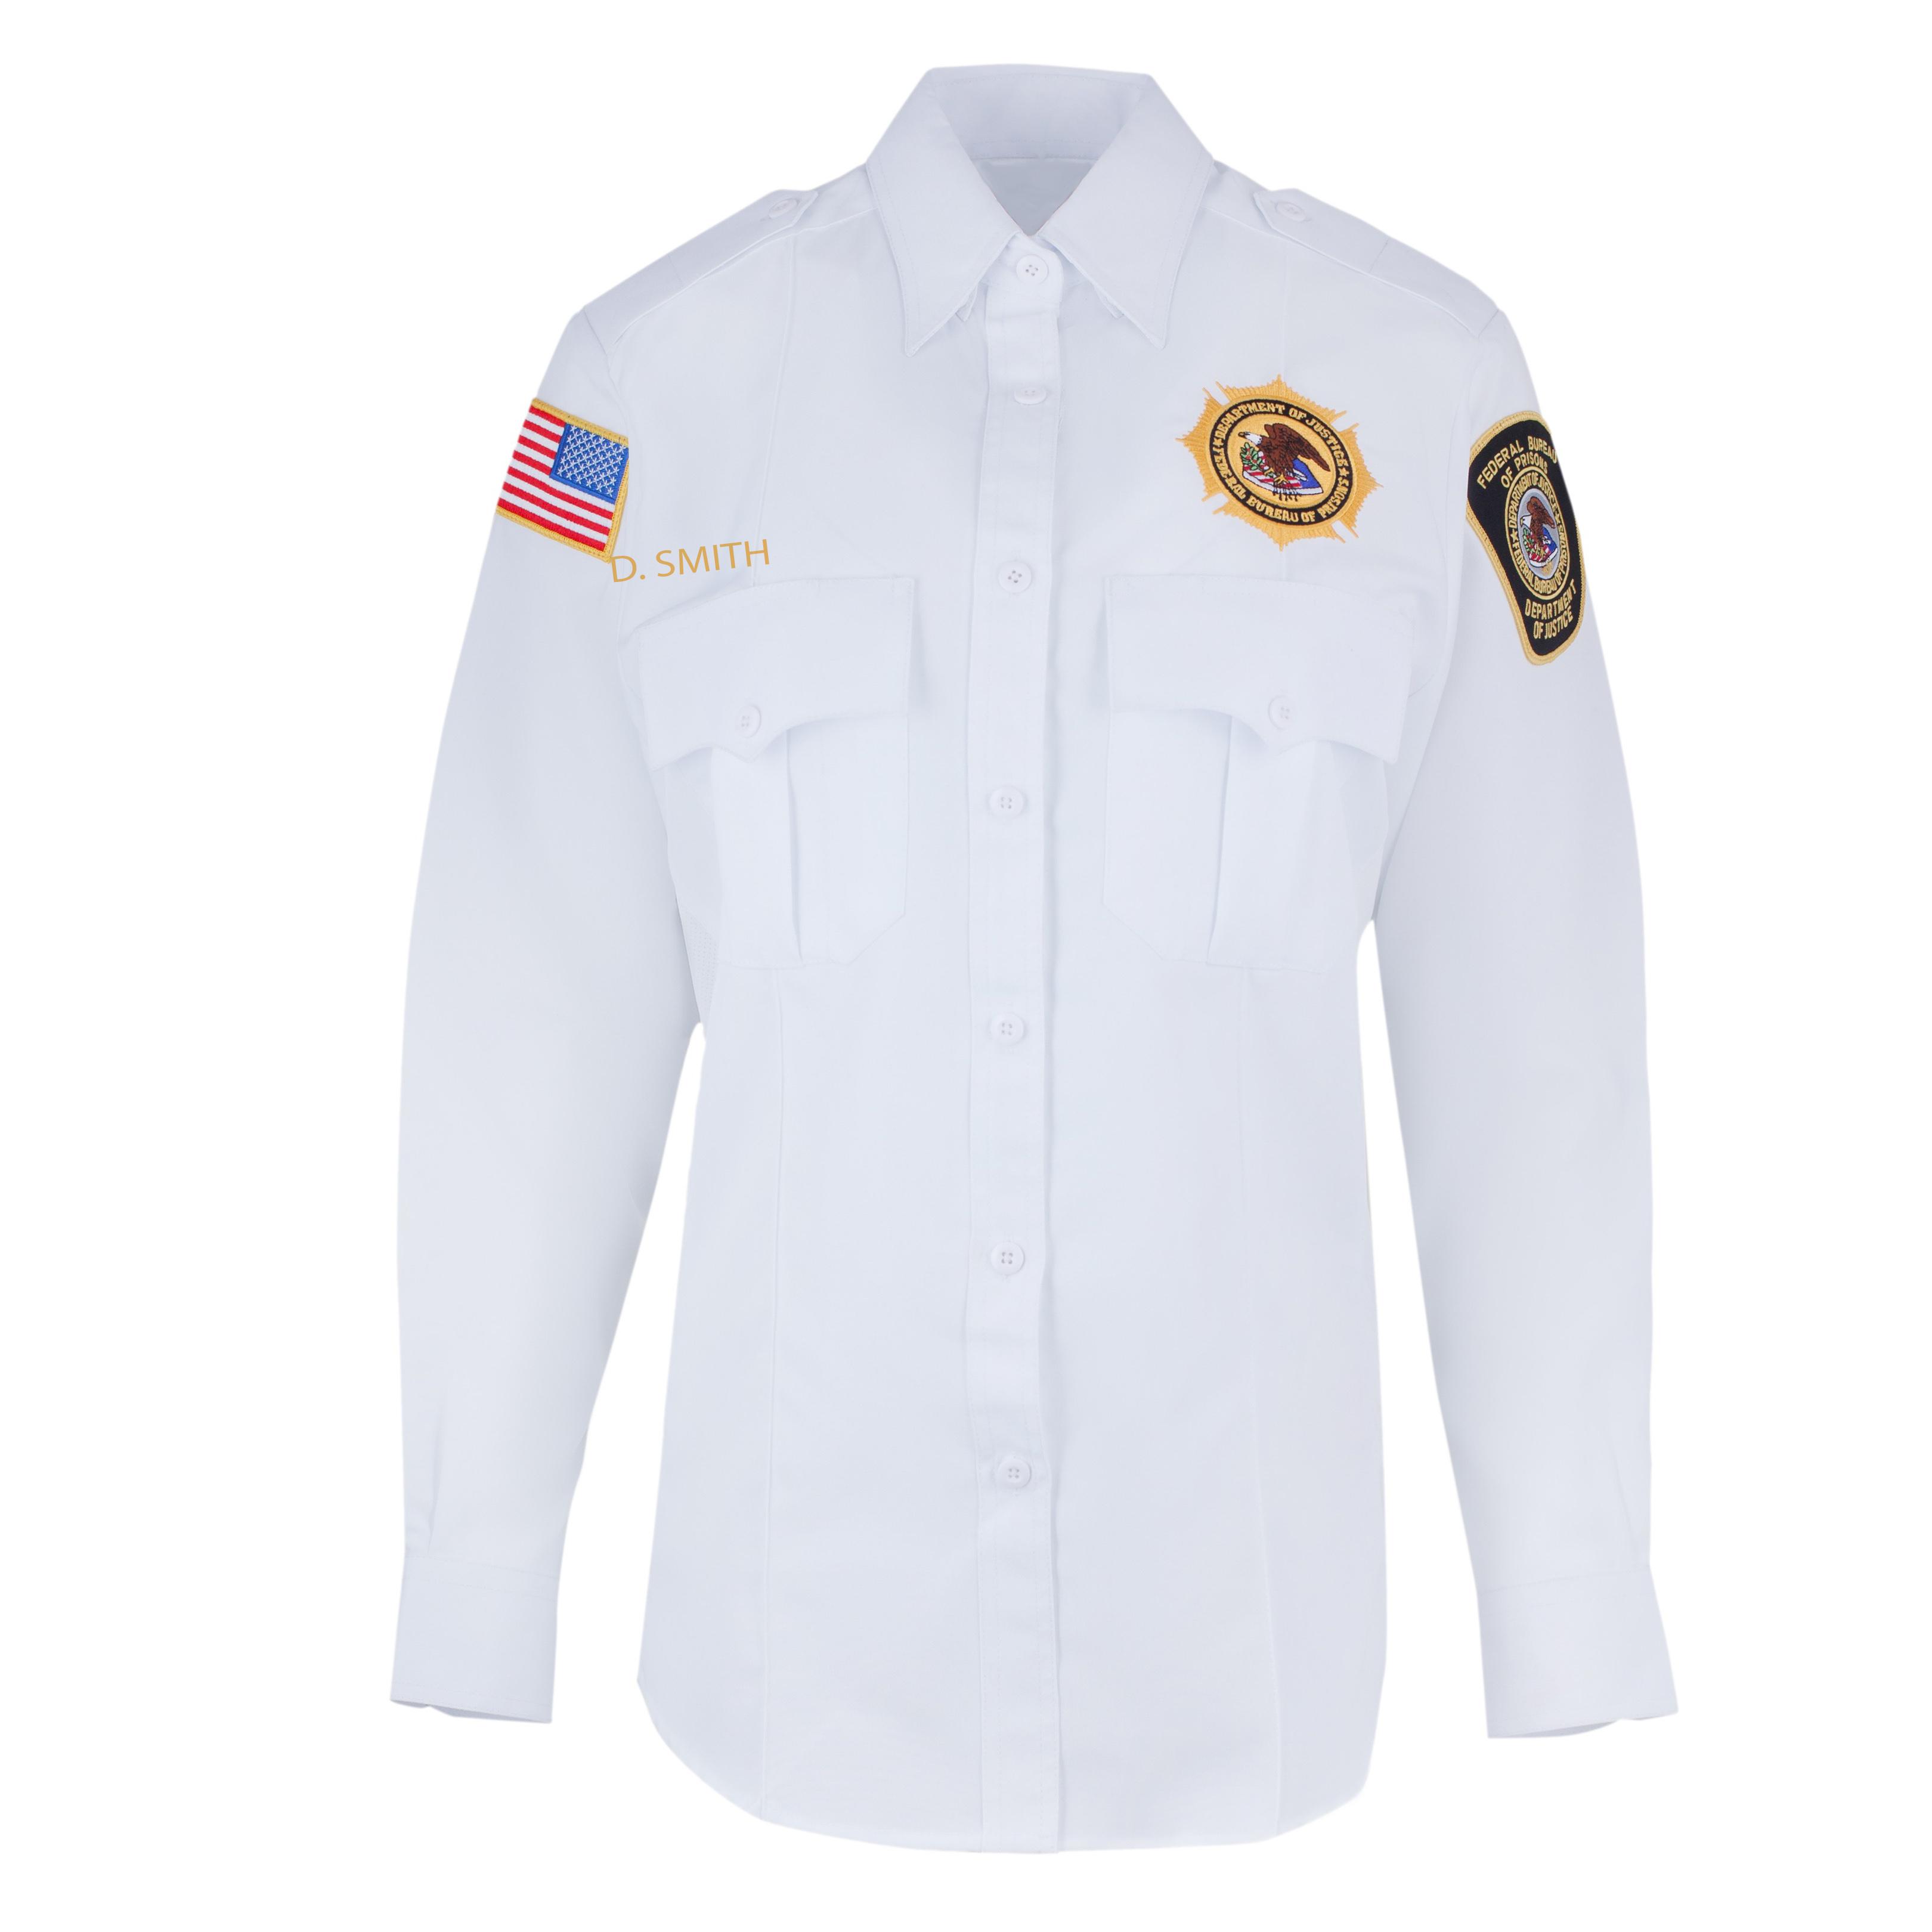 Womens Long Sleeve Dress Shirt White Class A Lieutenants Unitec